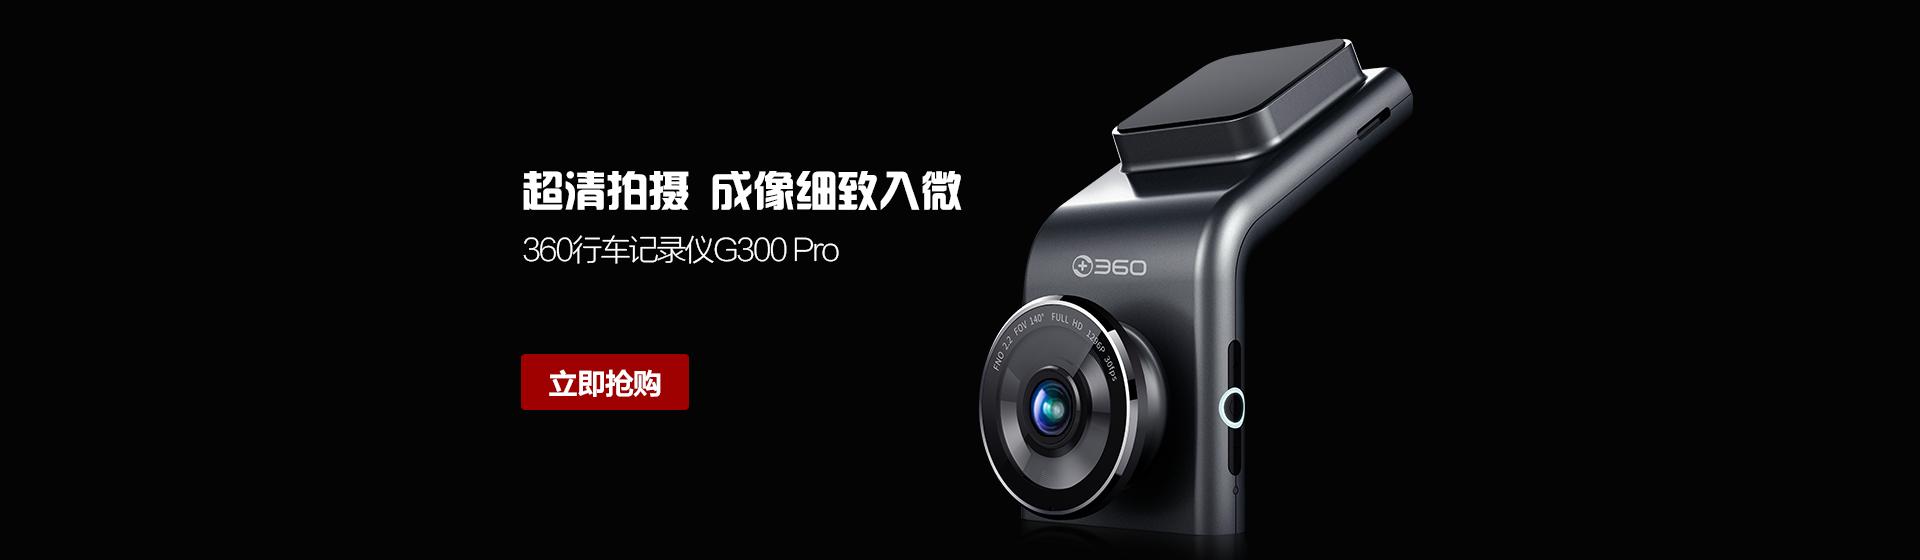 360 行車記錄儀G300 Pro